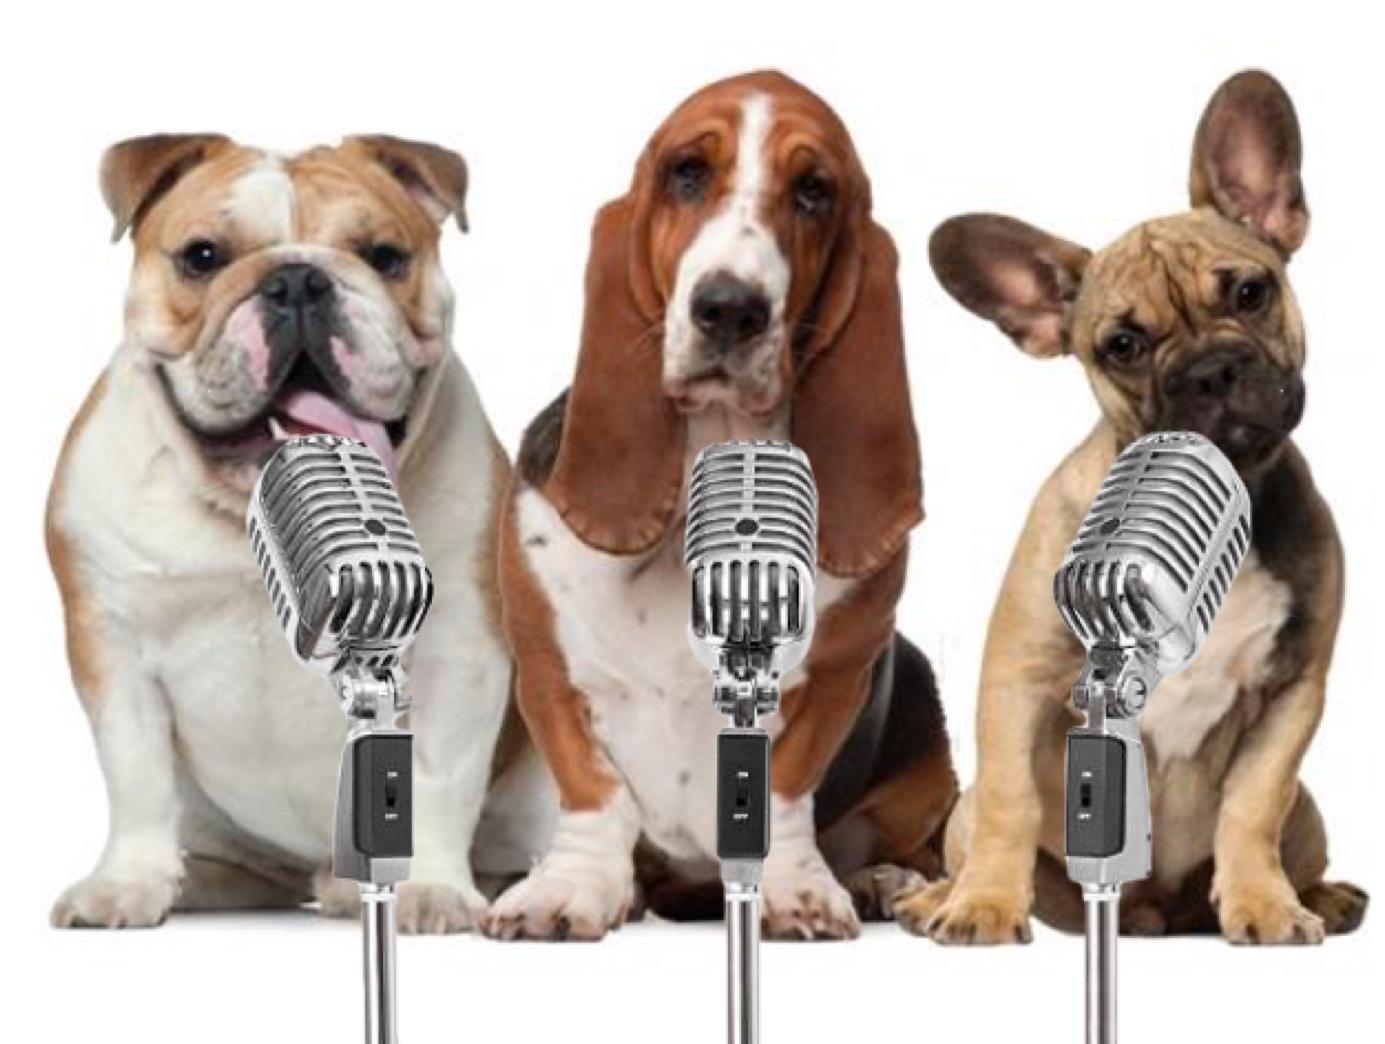 3 dogs, 3 mics.jpg